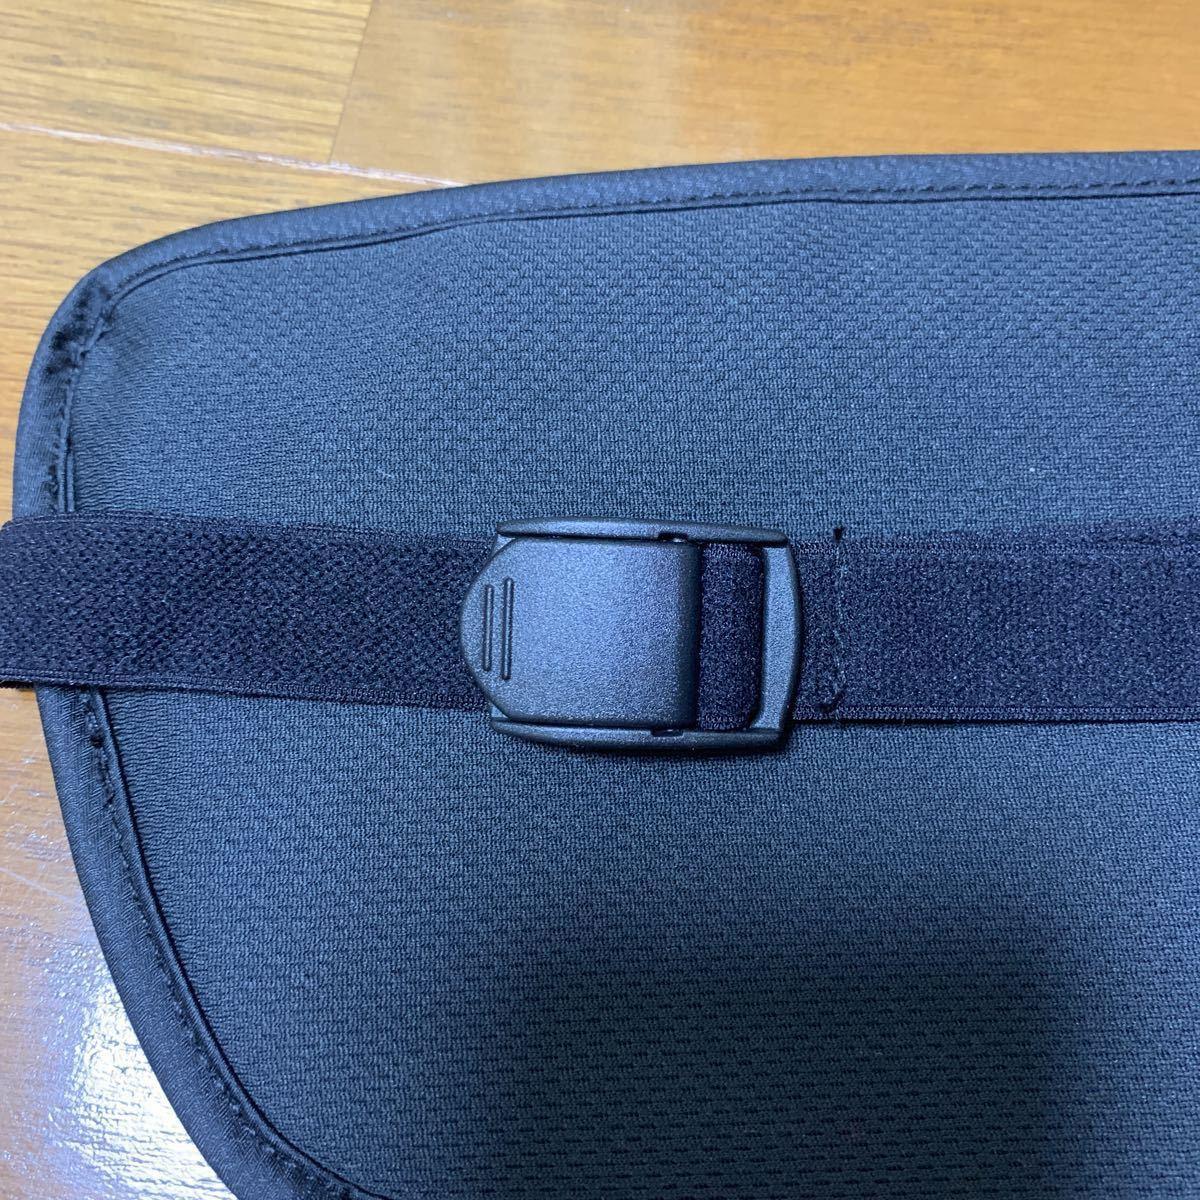 パックセーフ セキュリティポーチ シークレットベルト 旅行用品 防犯用品_画像4